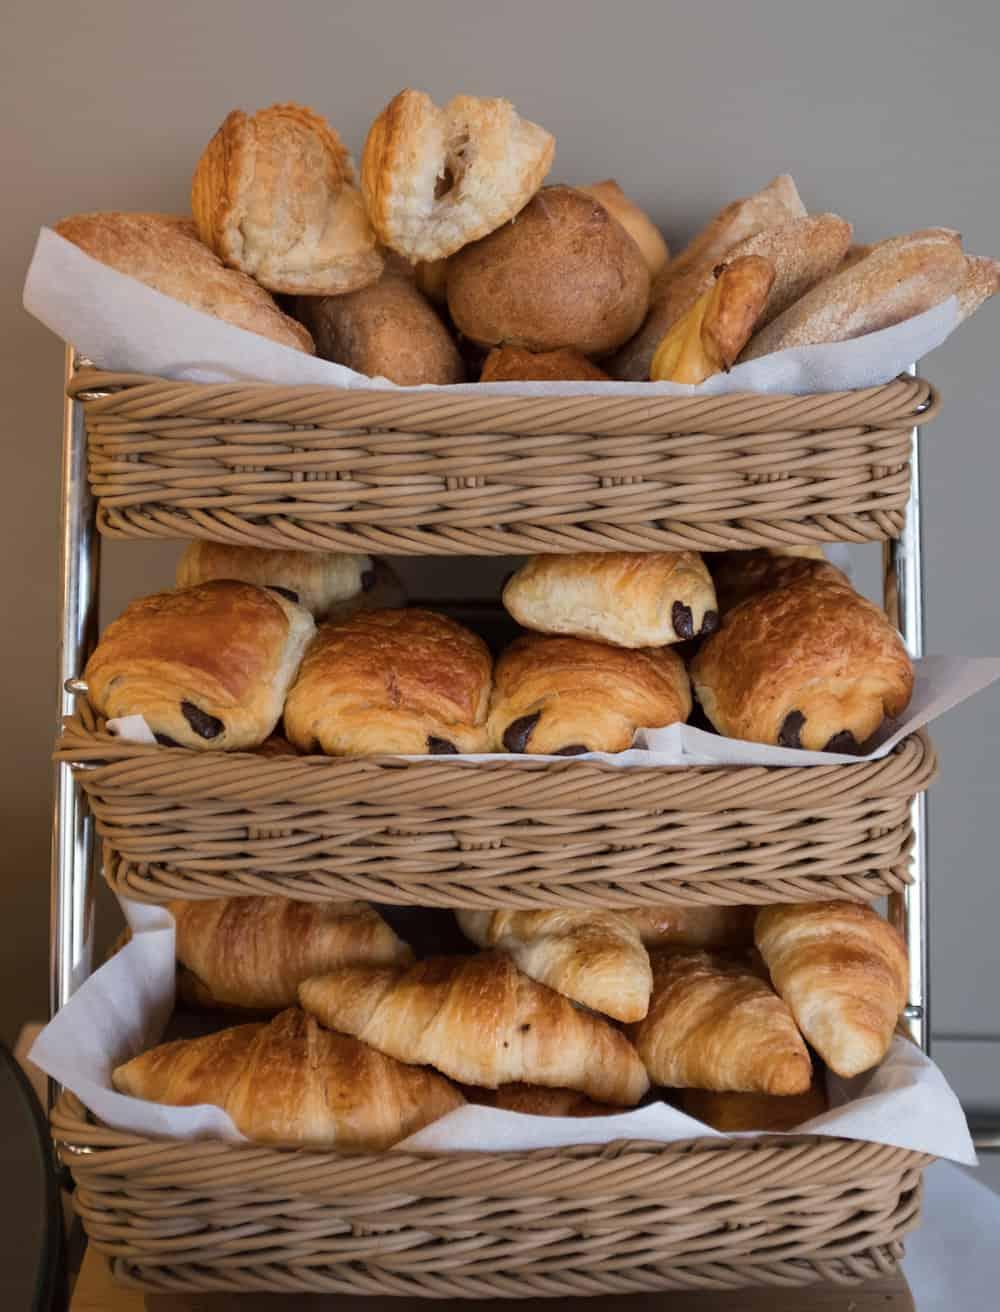 pavillon des lettres paris france breakfast